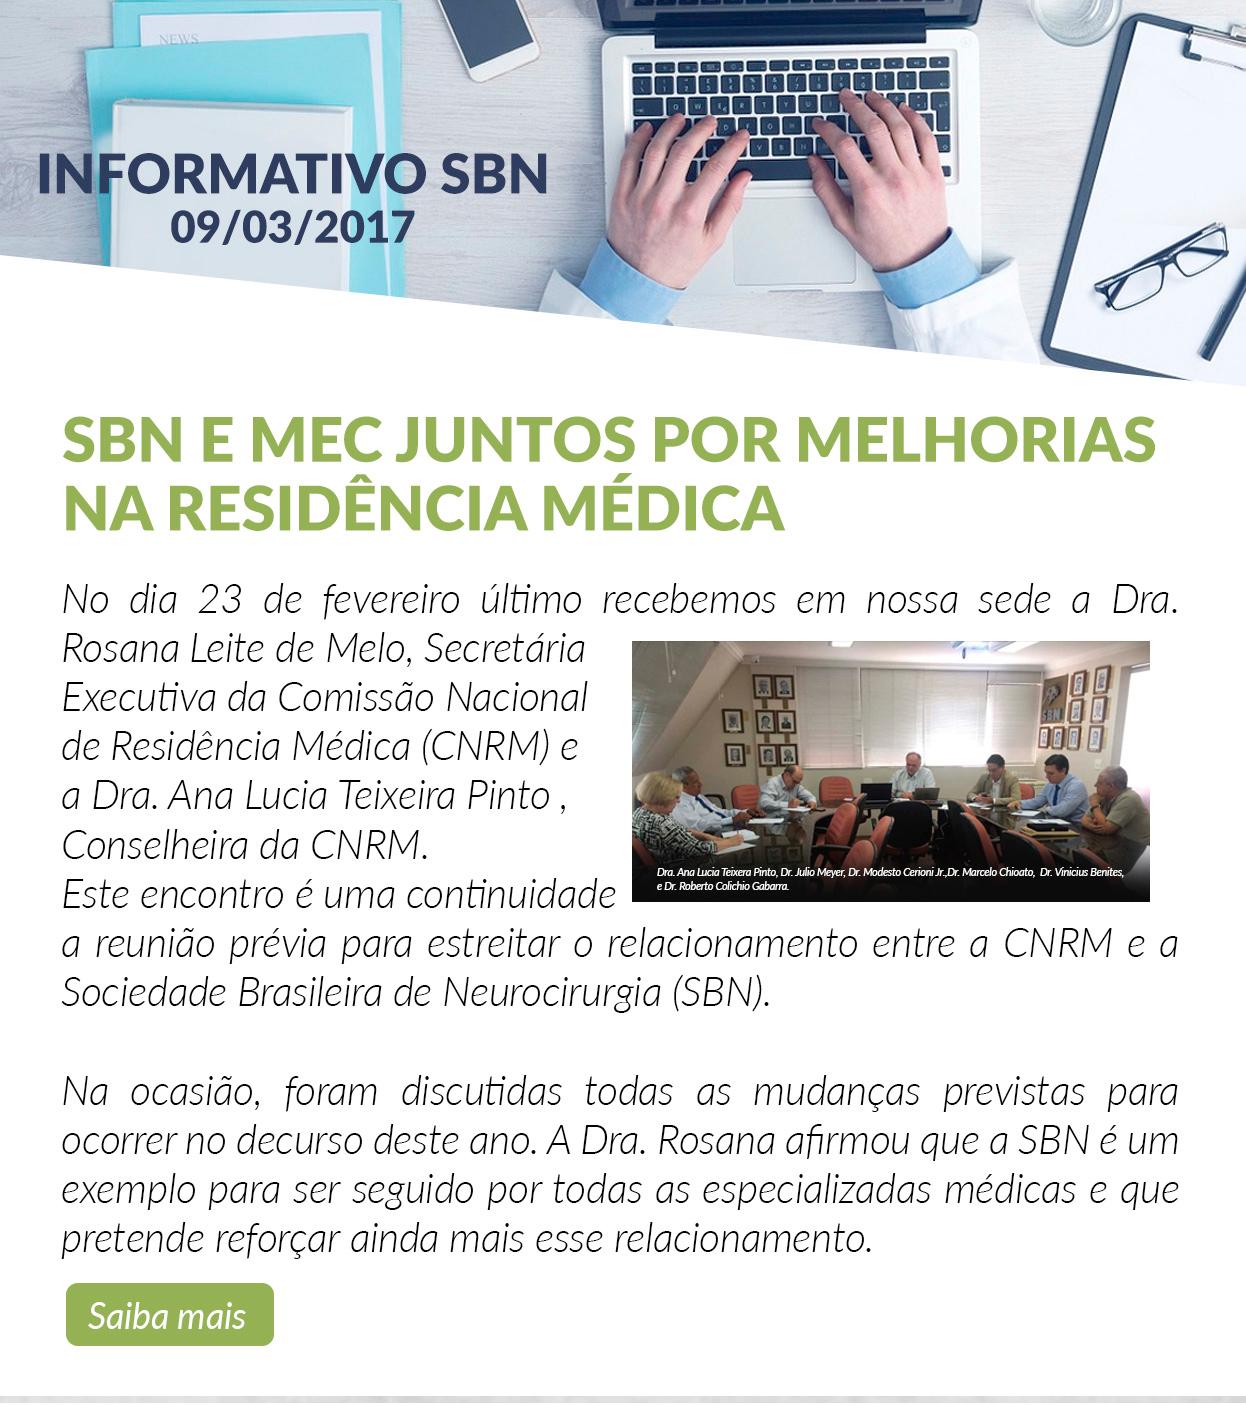 SBN Informa